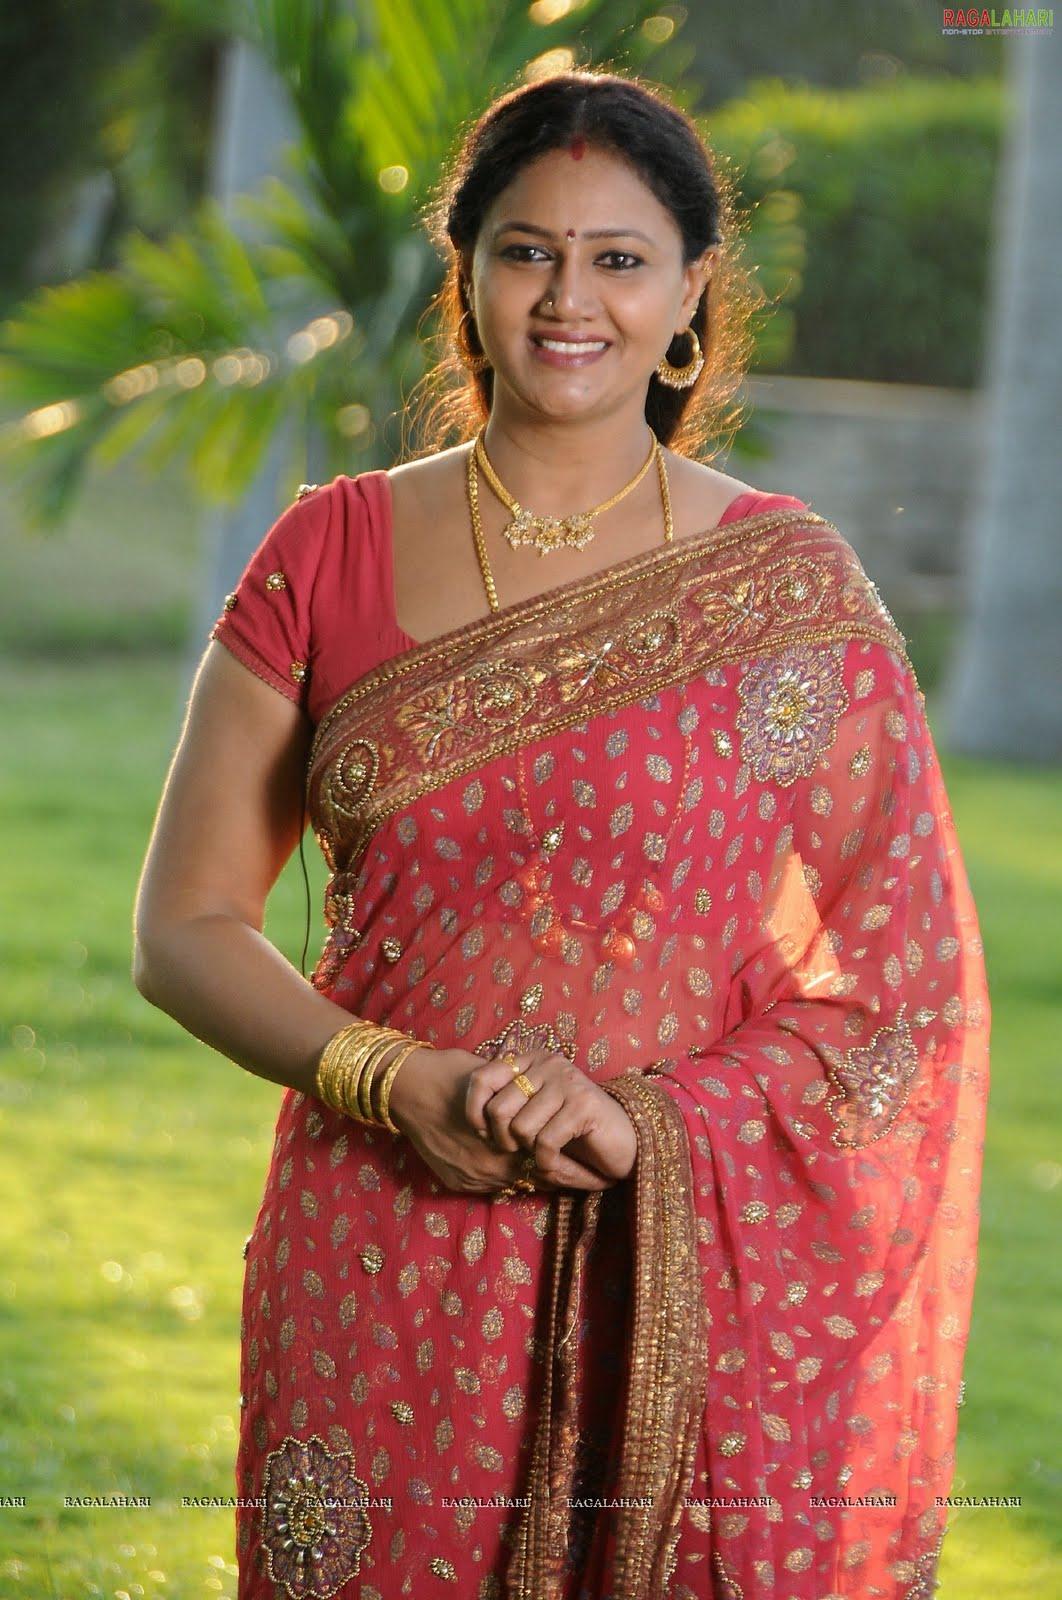 http://3.bp.blogspot.com/_knkKggAKHXs/TQHvEuN9XZI/AAAAAAAAF5w/jz0YQbugkn8/s1600/raksha-nagavalli-high-resolution10.jpg